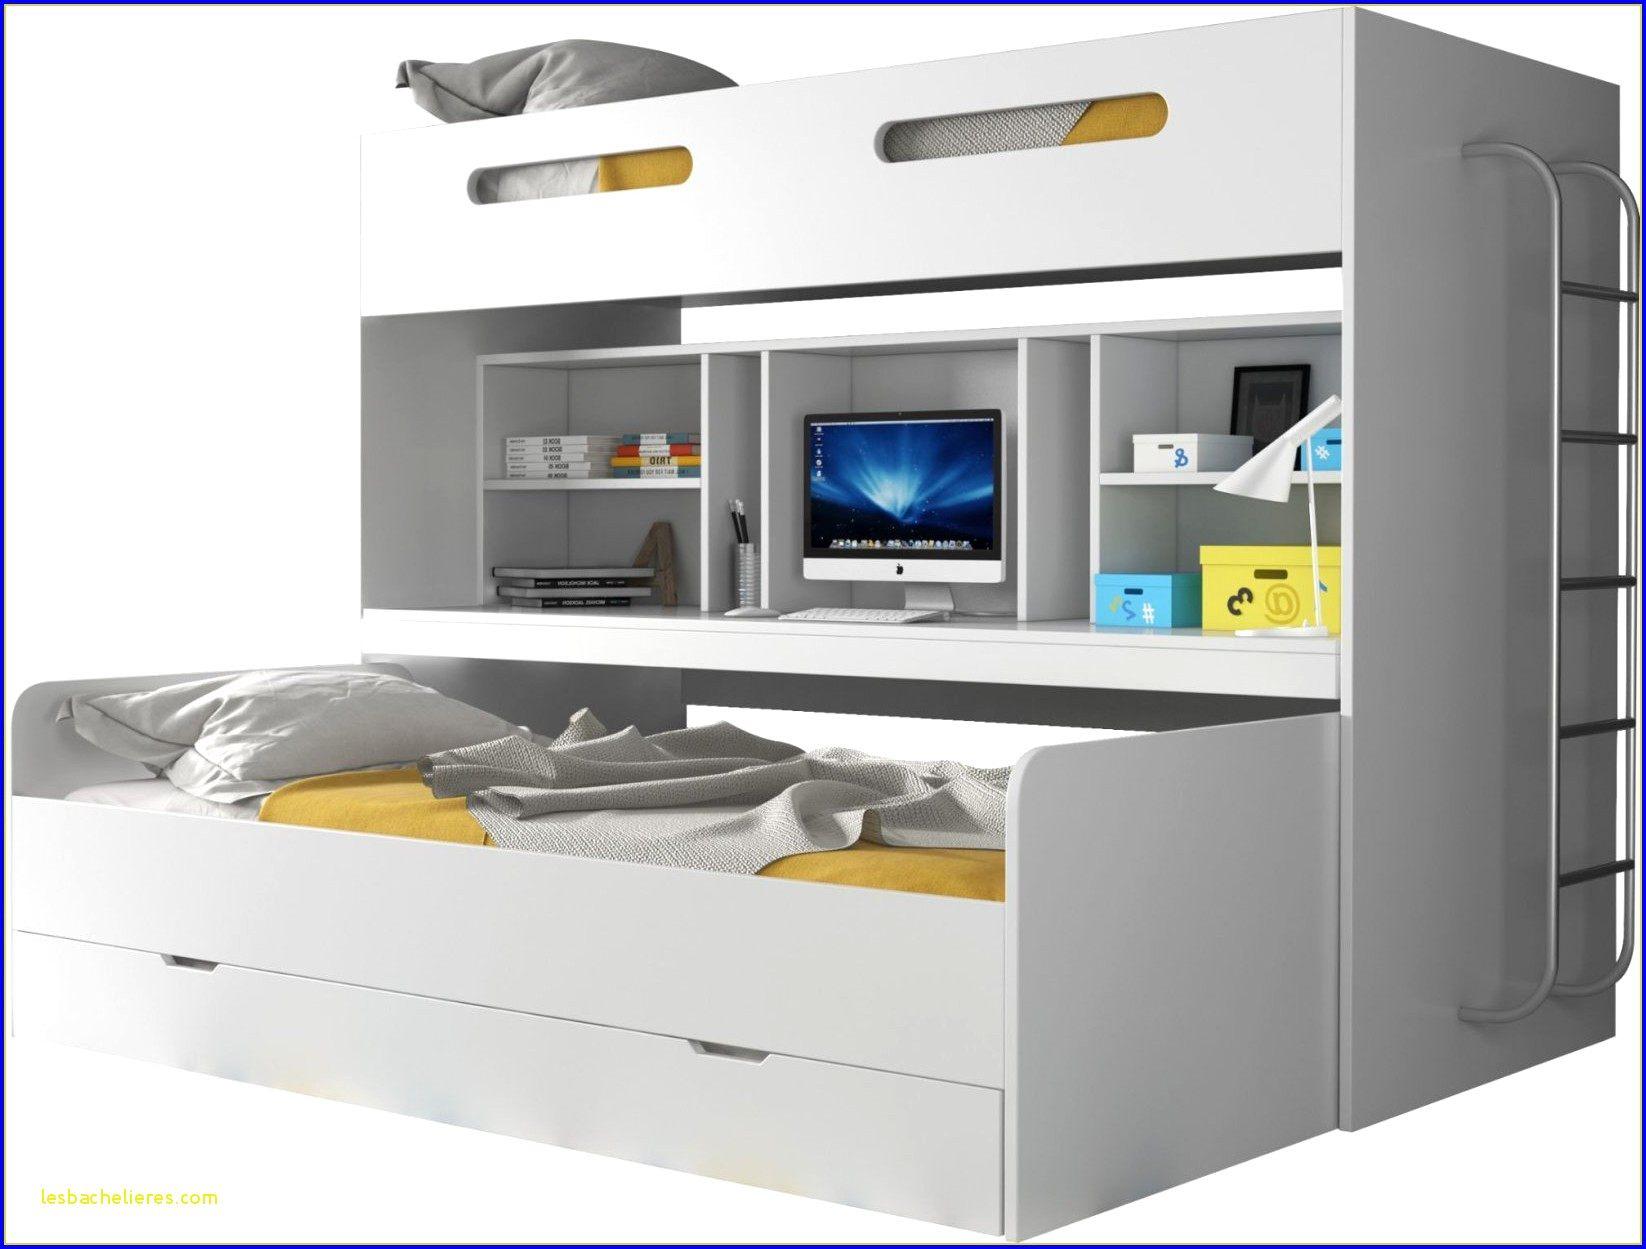 Lit Superposé Bureau Unique Résultat Supérieur 95 Luxe Lit Biné Armoire Bureau Image 2018